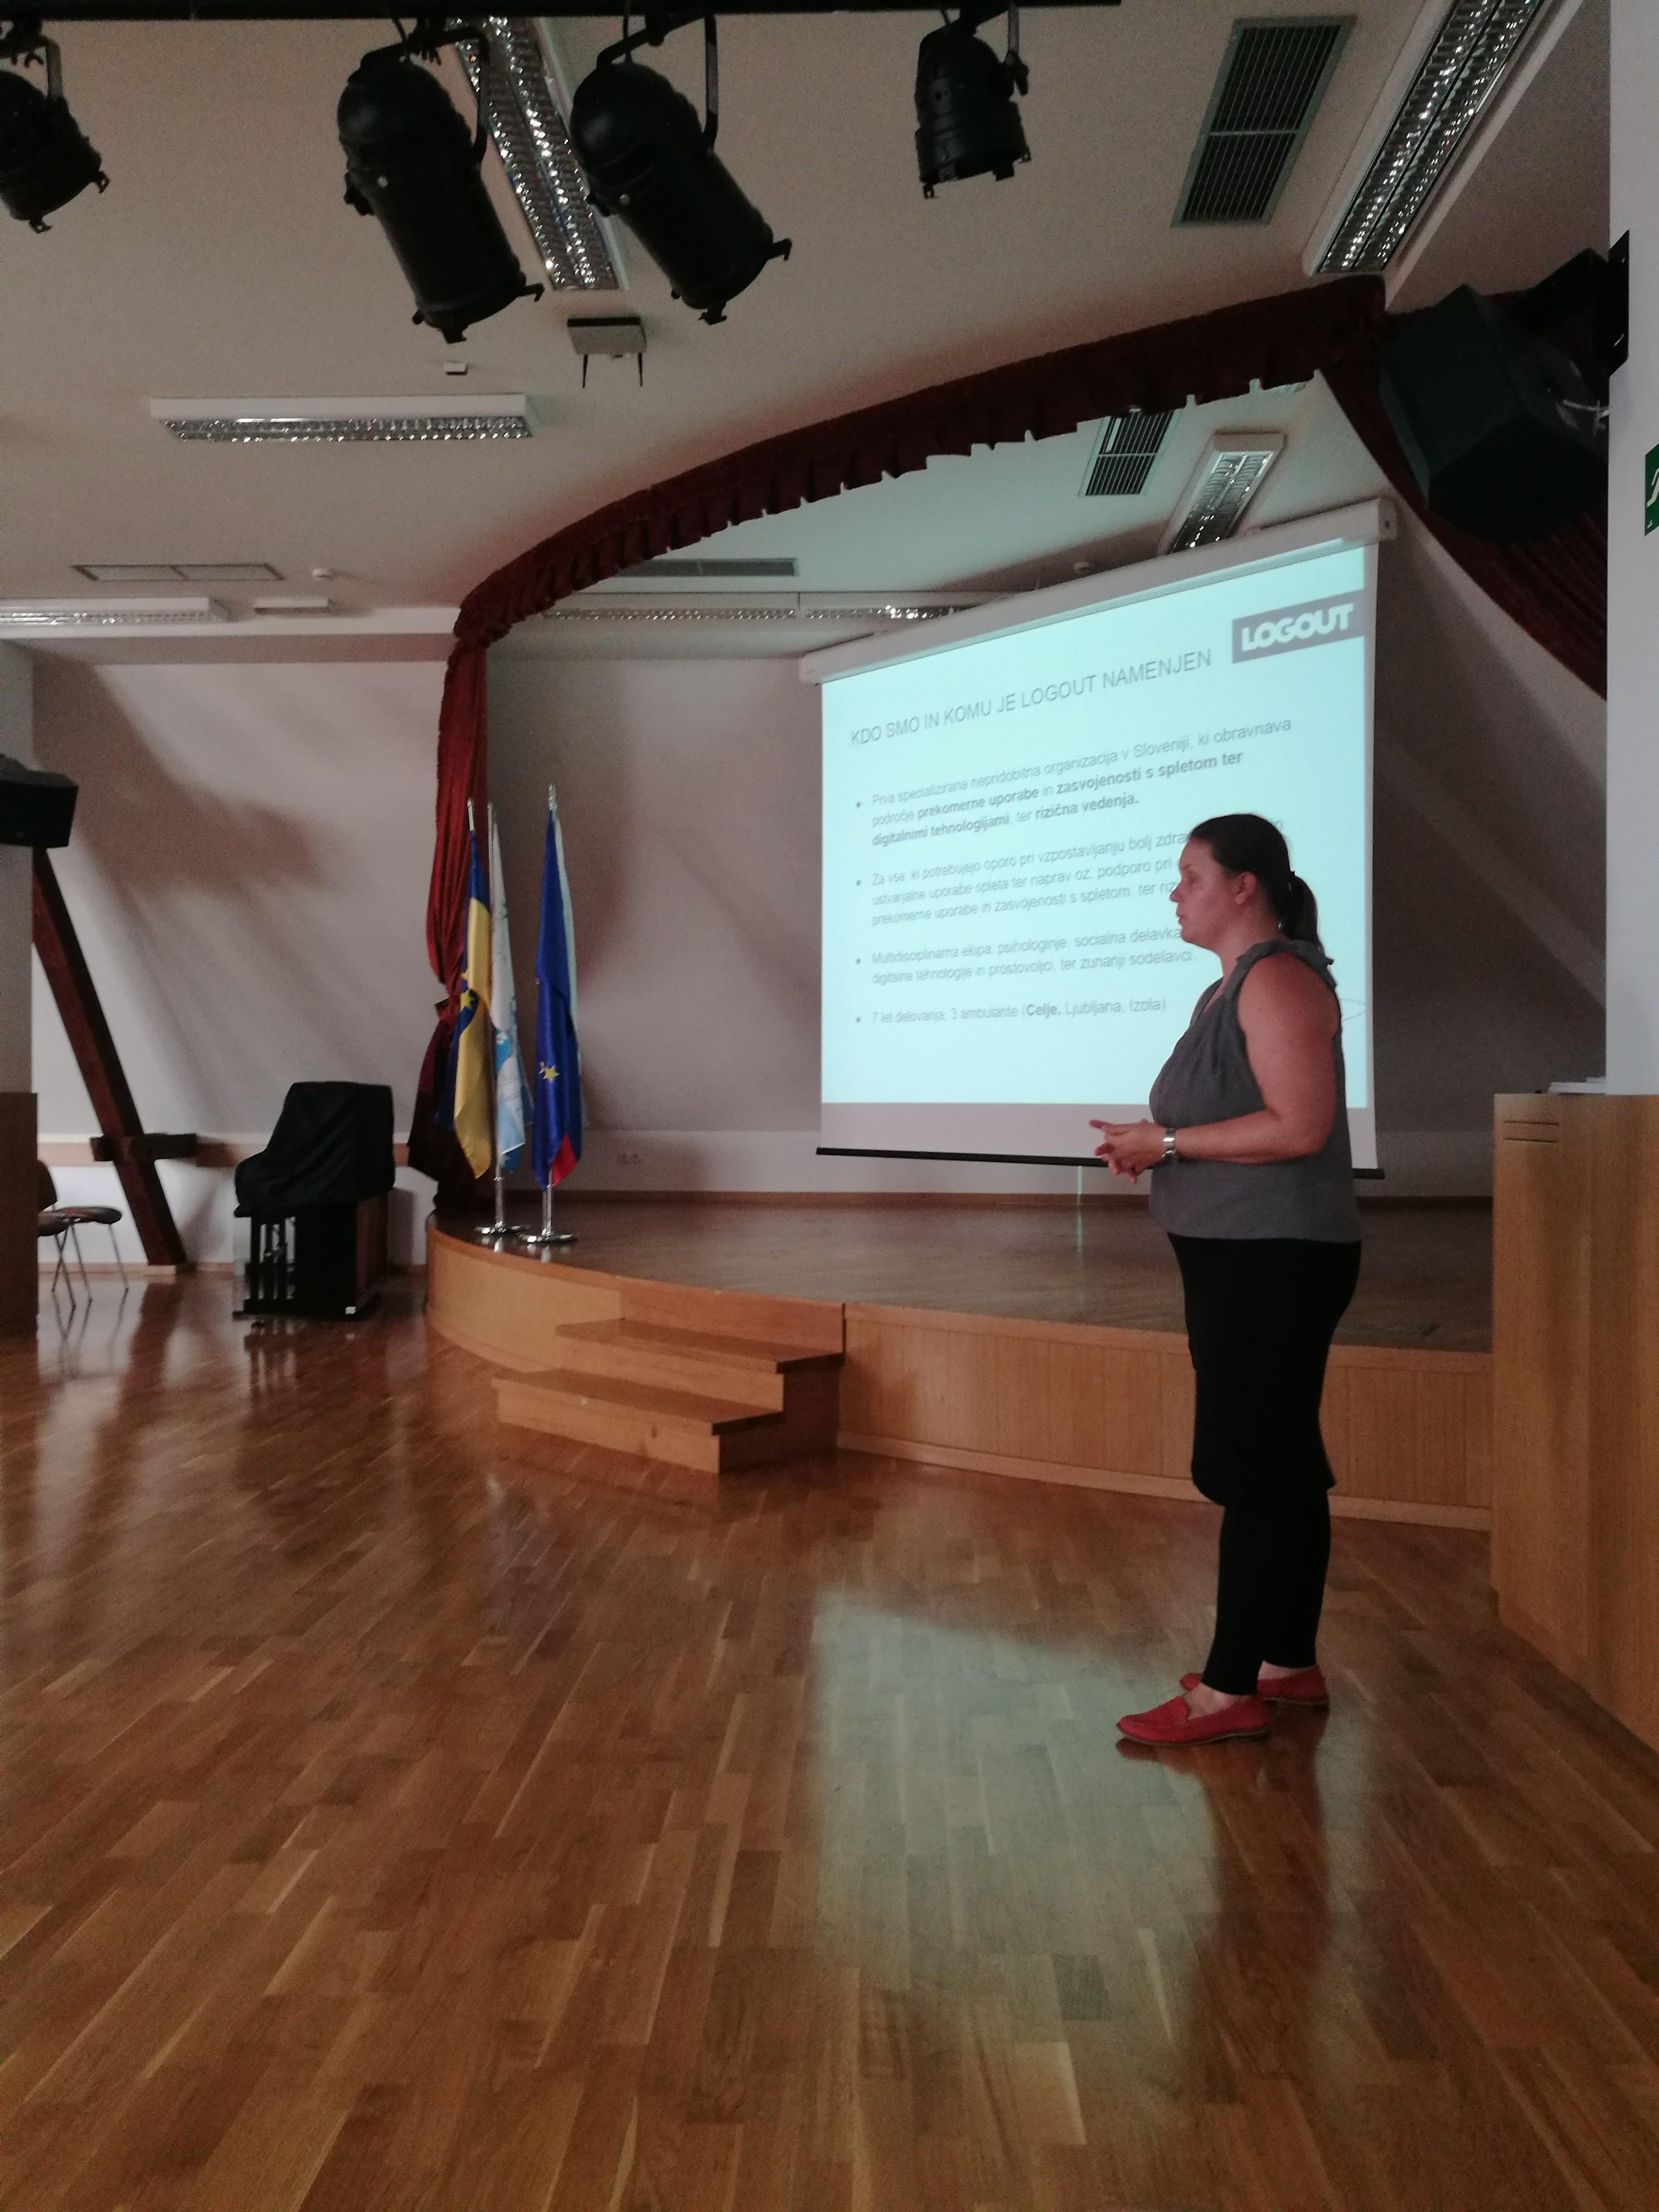 Psihologinja Franja Gros je predstavila ambulanto Logout v Celju, ki je začela delovati aprila letos (Center pomoči pri prekomerni rabi spleta in digitalnih tehnologij).